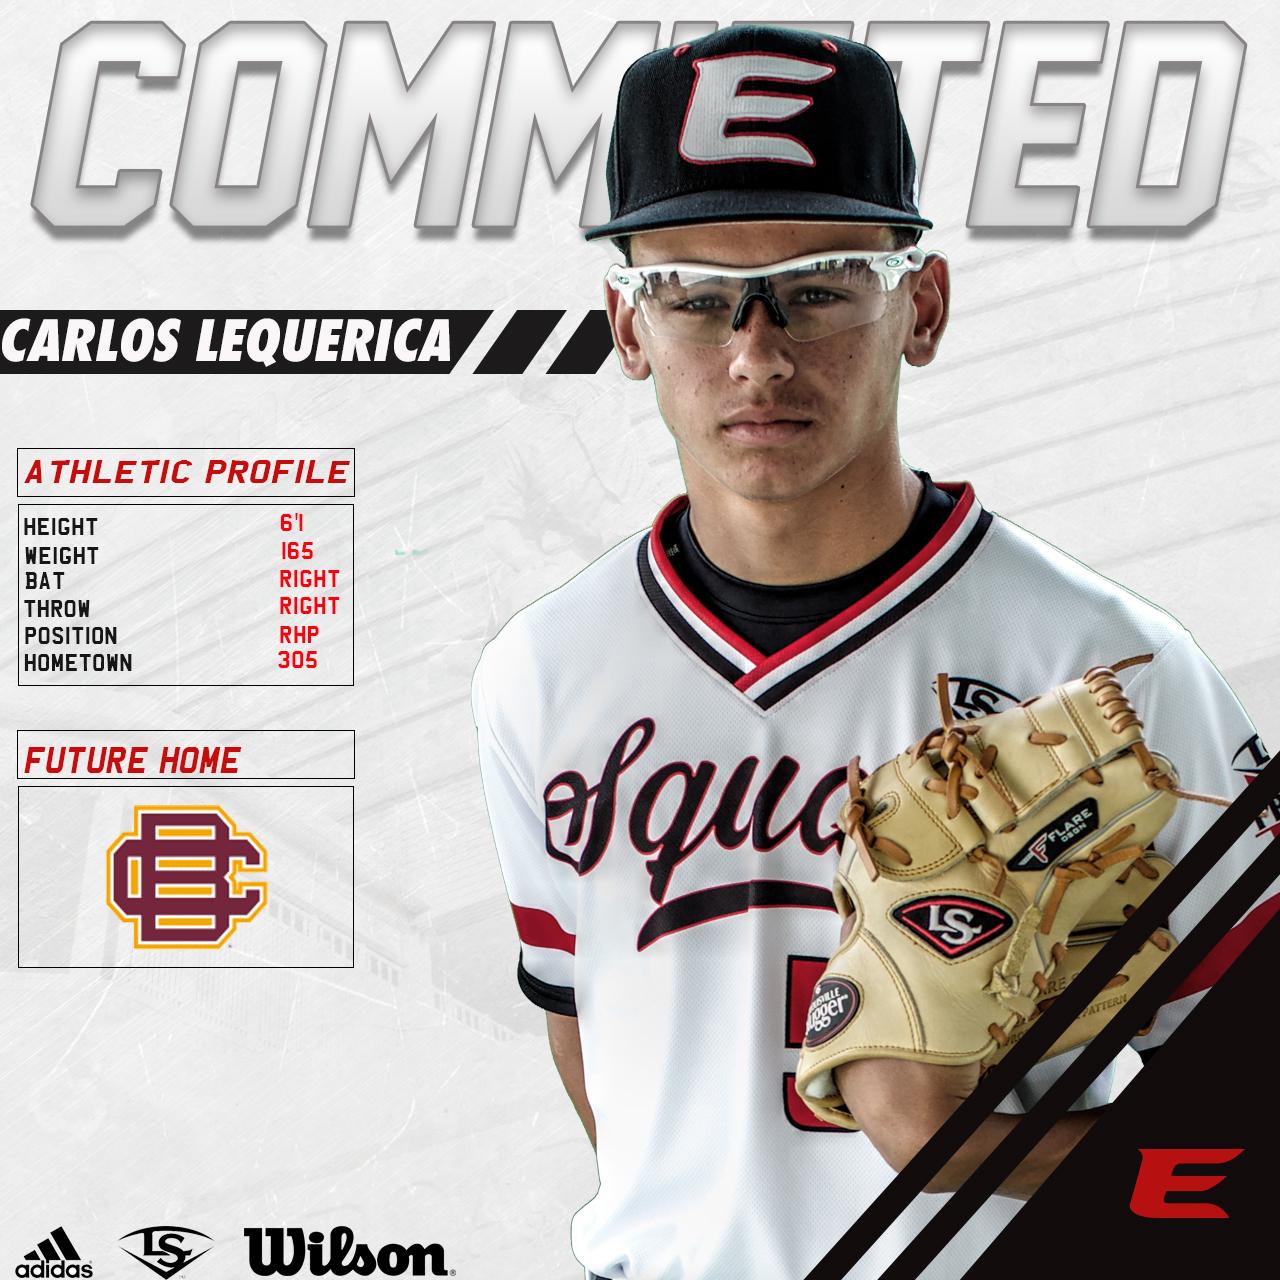 Carlos-Lequerica